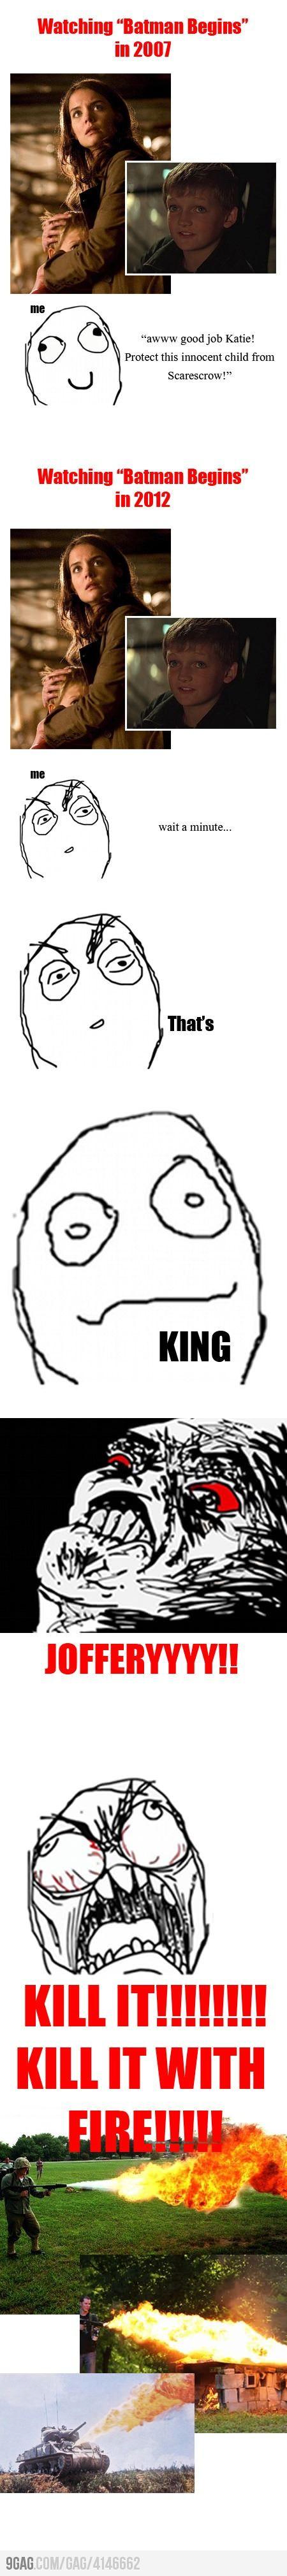 KILL IT WITH FIRE!!! King Joffrey in Batman Begins